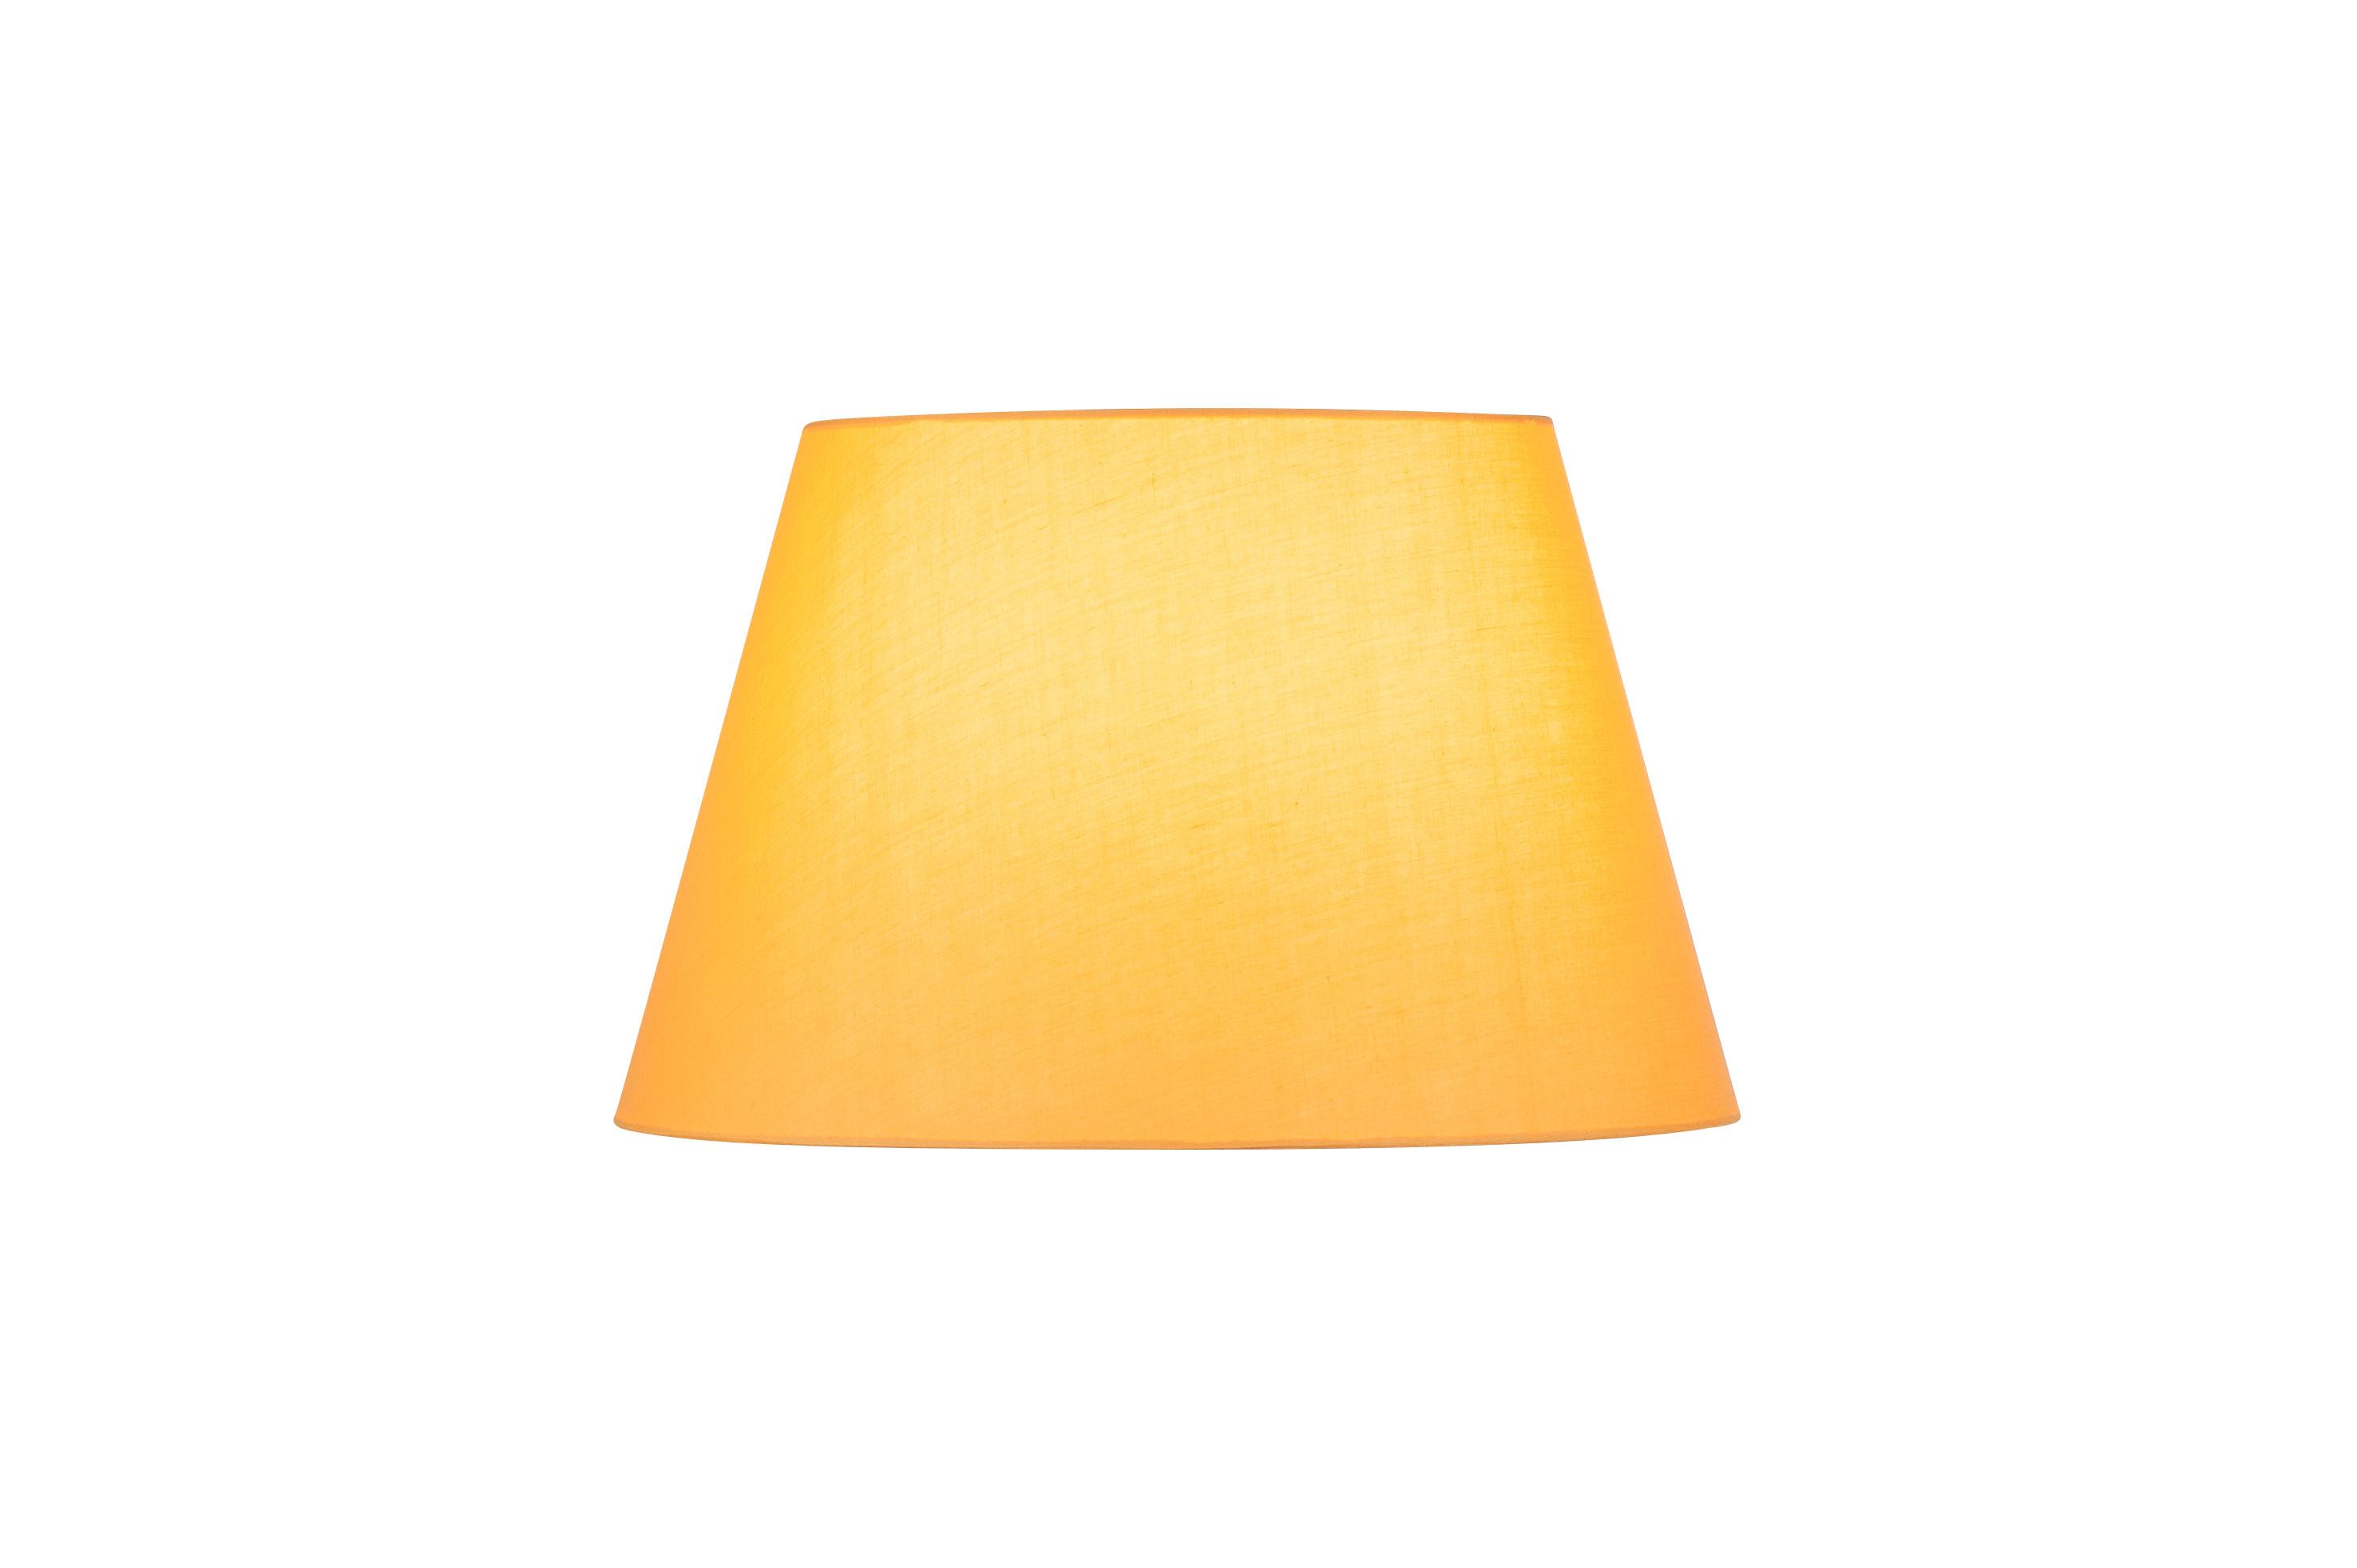 1 Stk FENDA, Leuchtenschirm, konisch, gelb, Ø/H 45,5/28 cm LI156184--